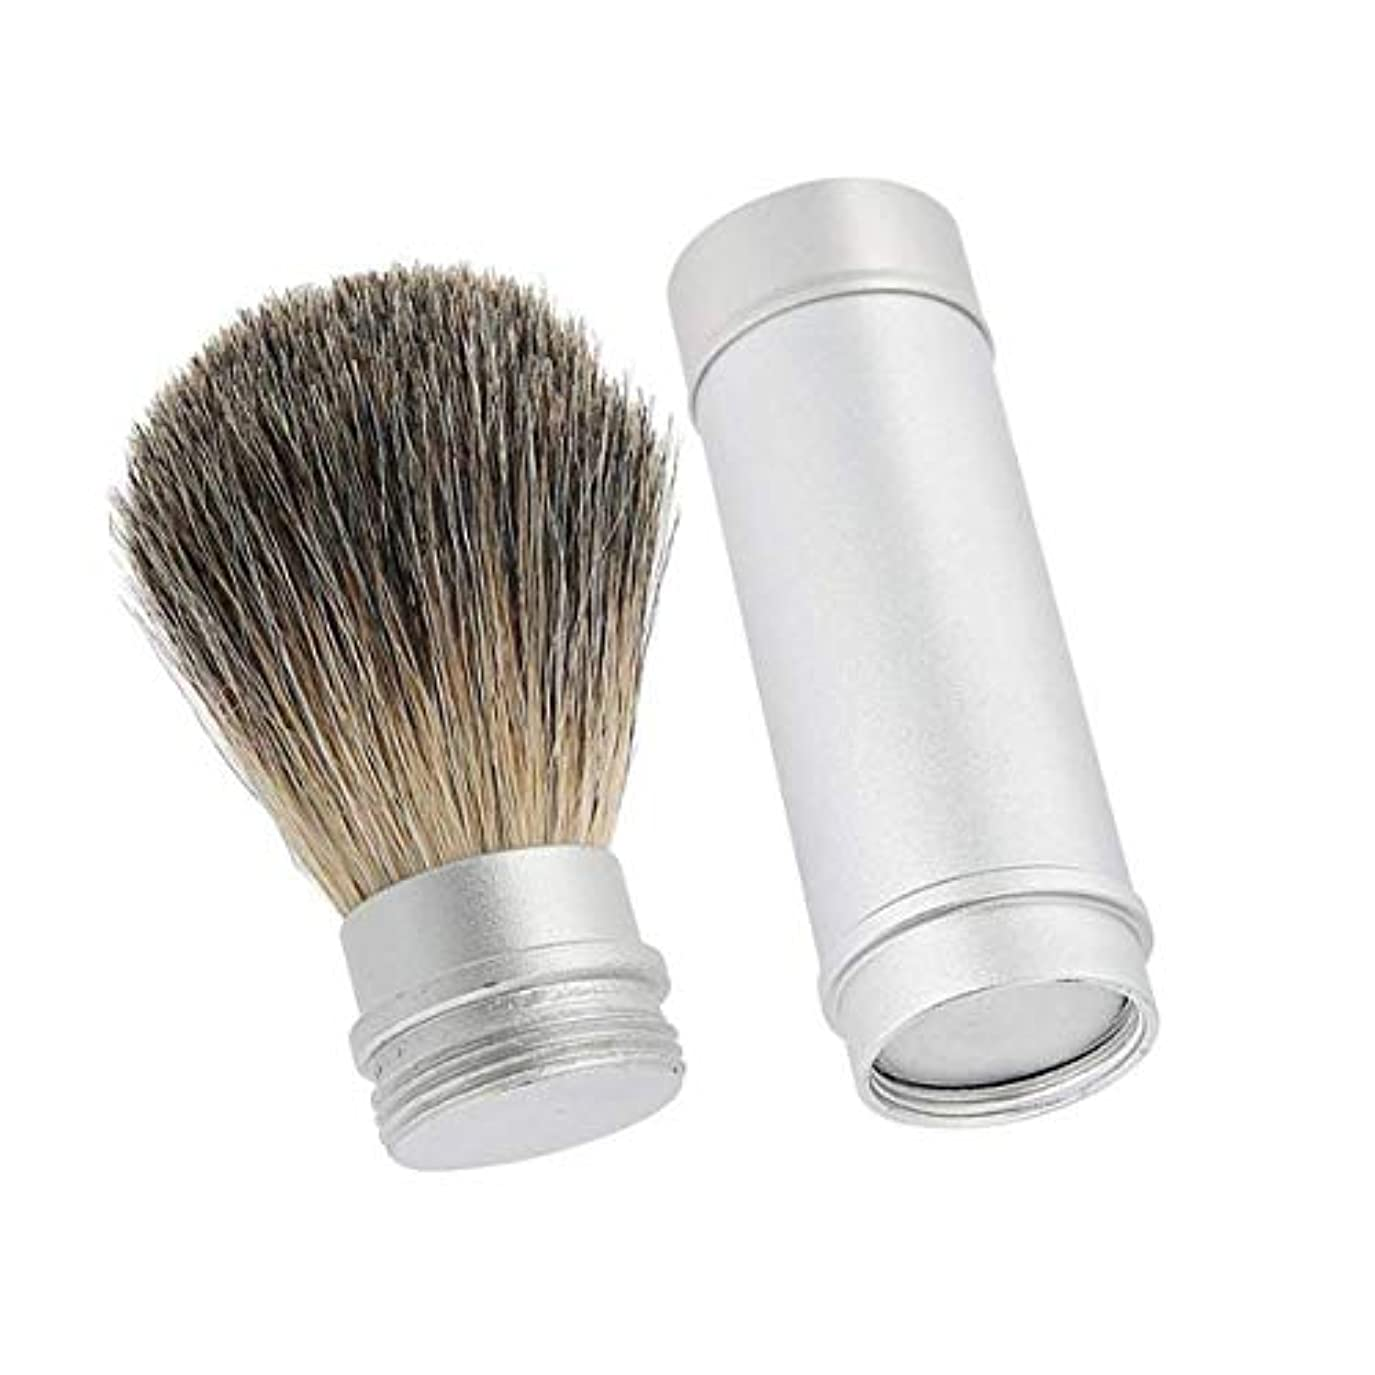 ポークブルジョンホイール男性用アルミチューブ付き美容髭剃りブラシ理髪クレンジングブラシ